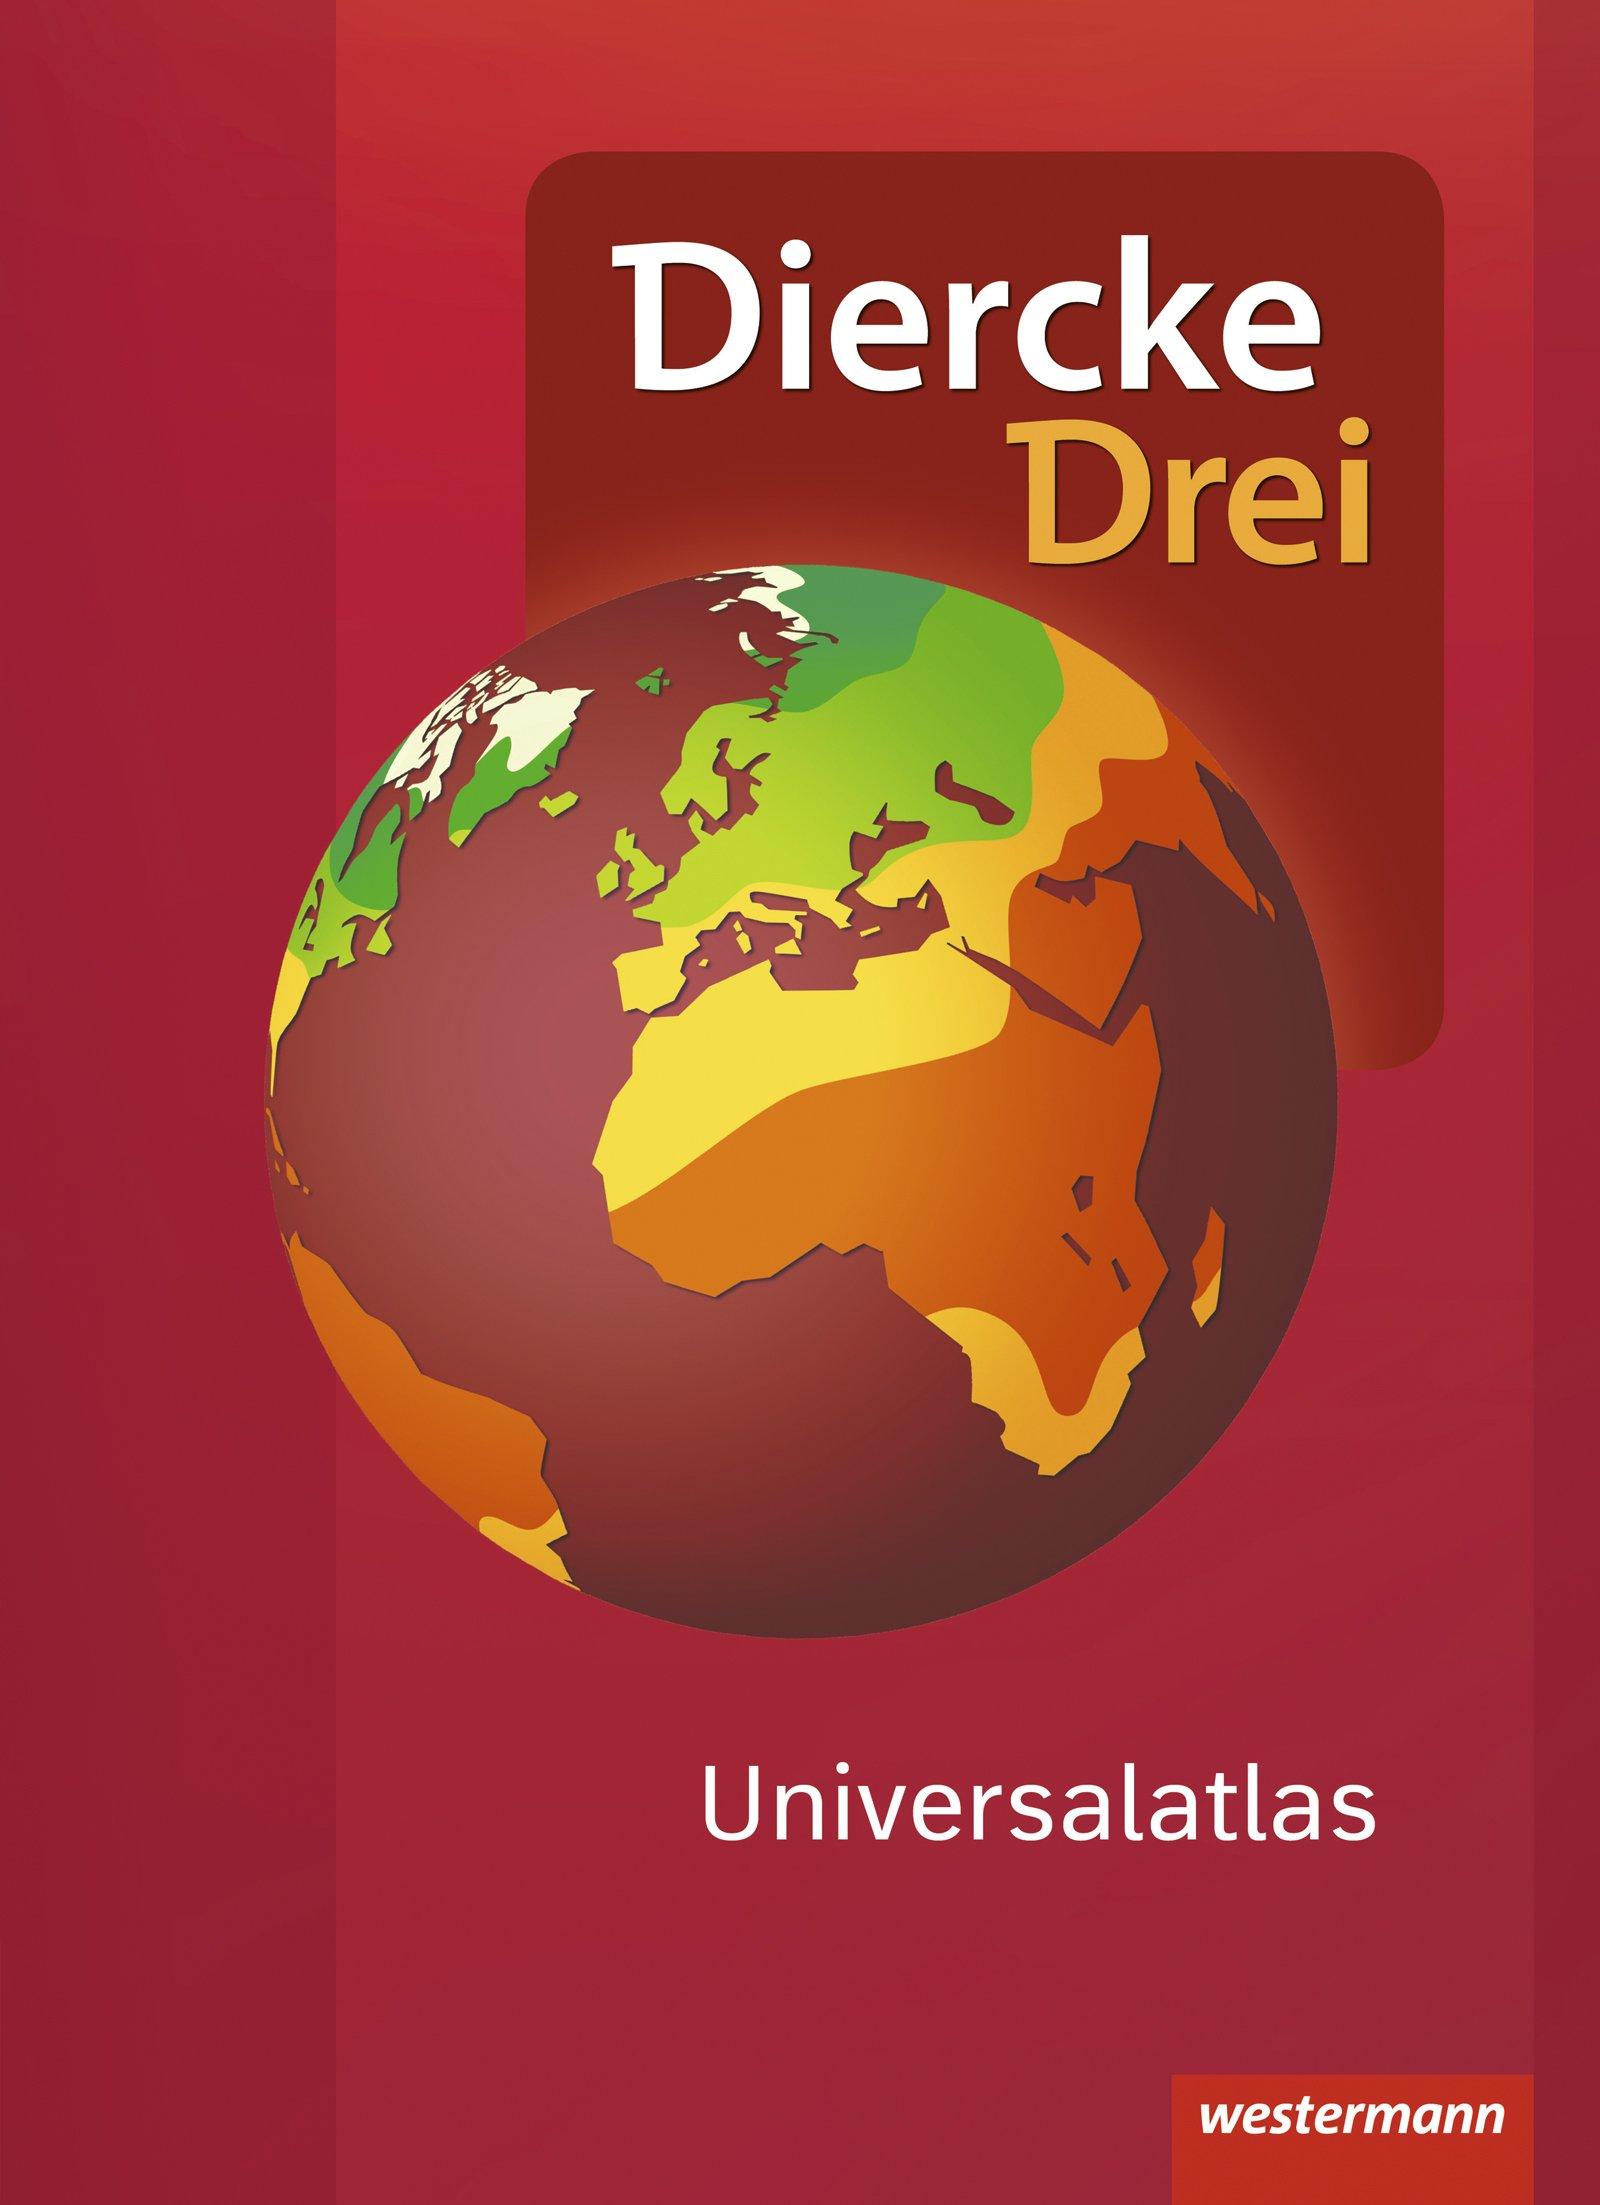 Diercke Drei Universalatlas - Aktuelle Ausgabe Gebundenes Buch – 1. Mai 2017 Westermann Schulbuch 3141008701 Berlin Brandenburg